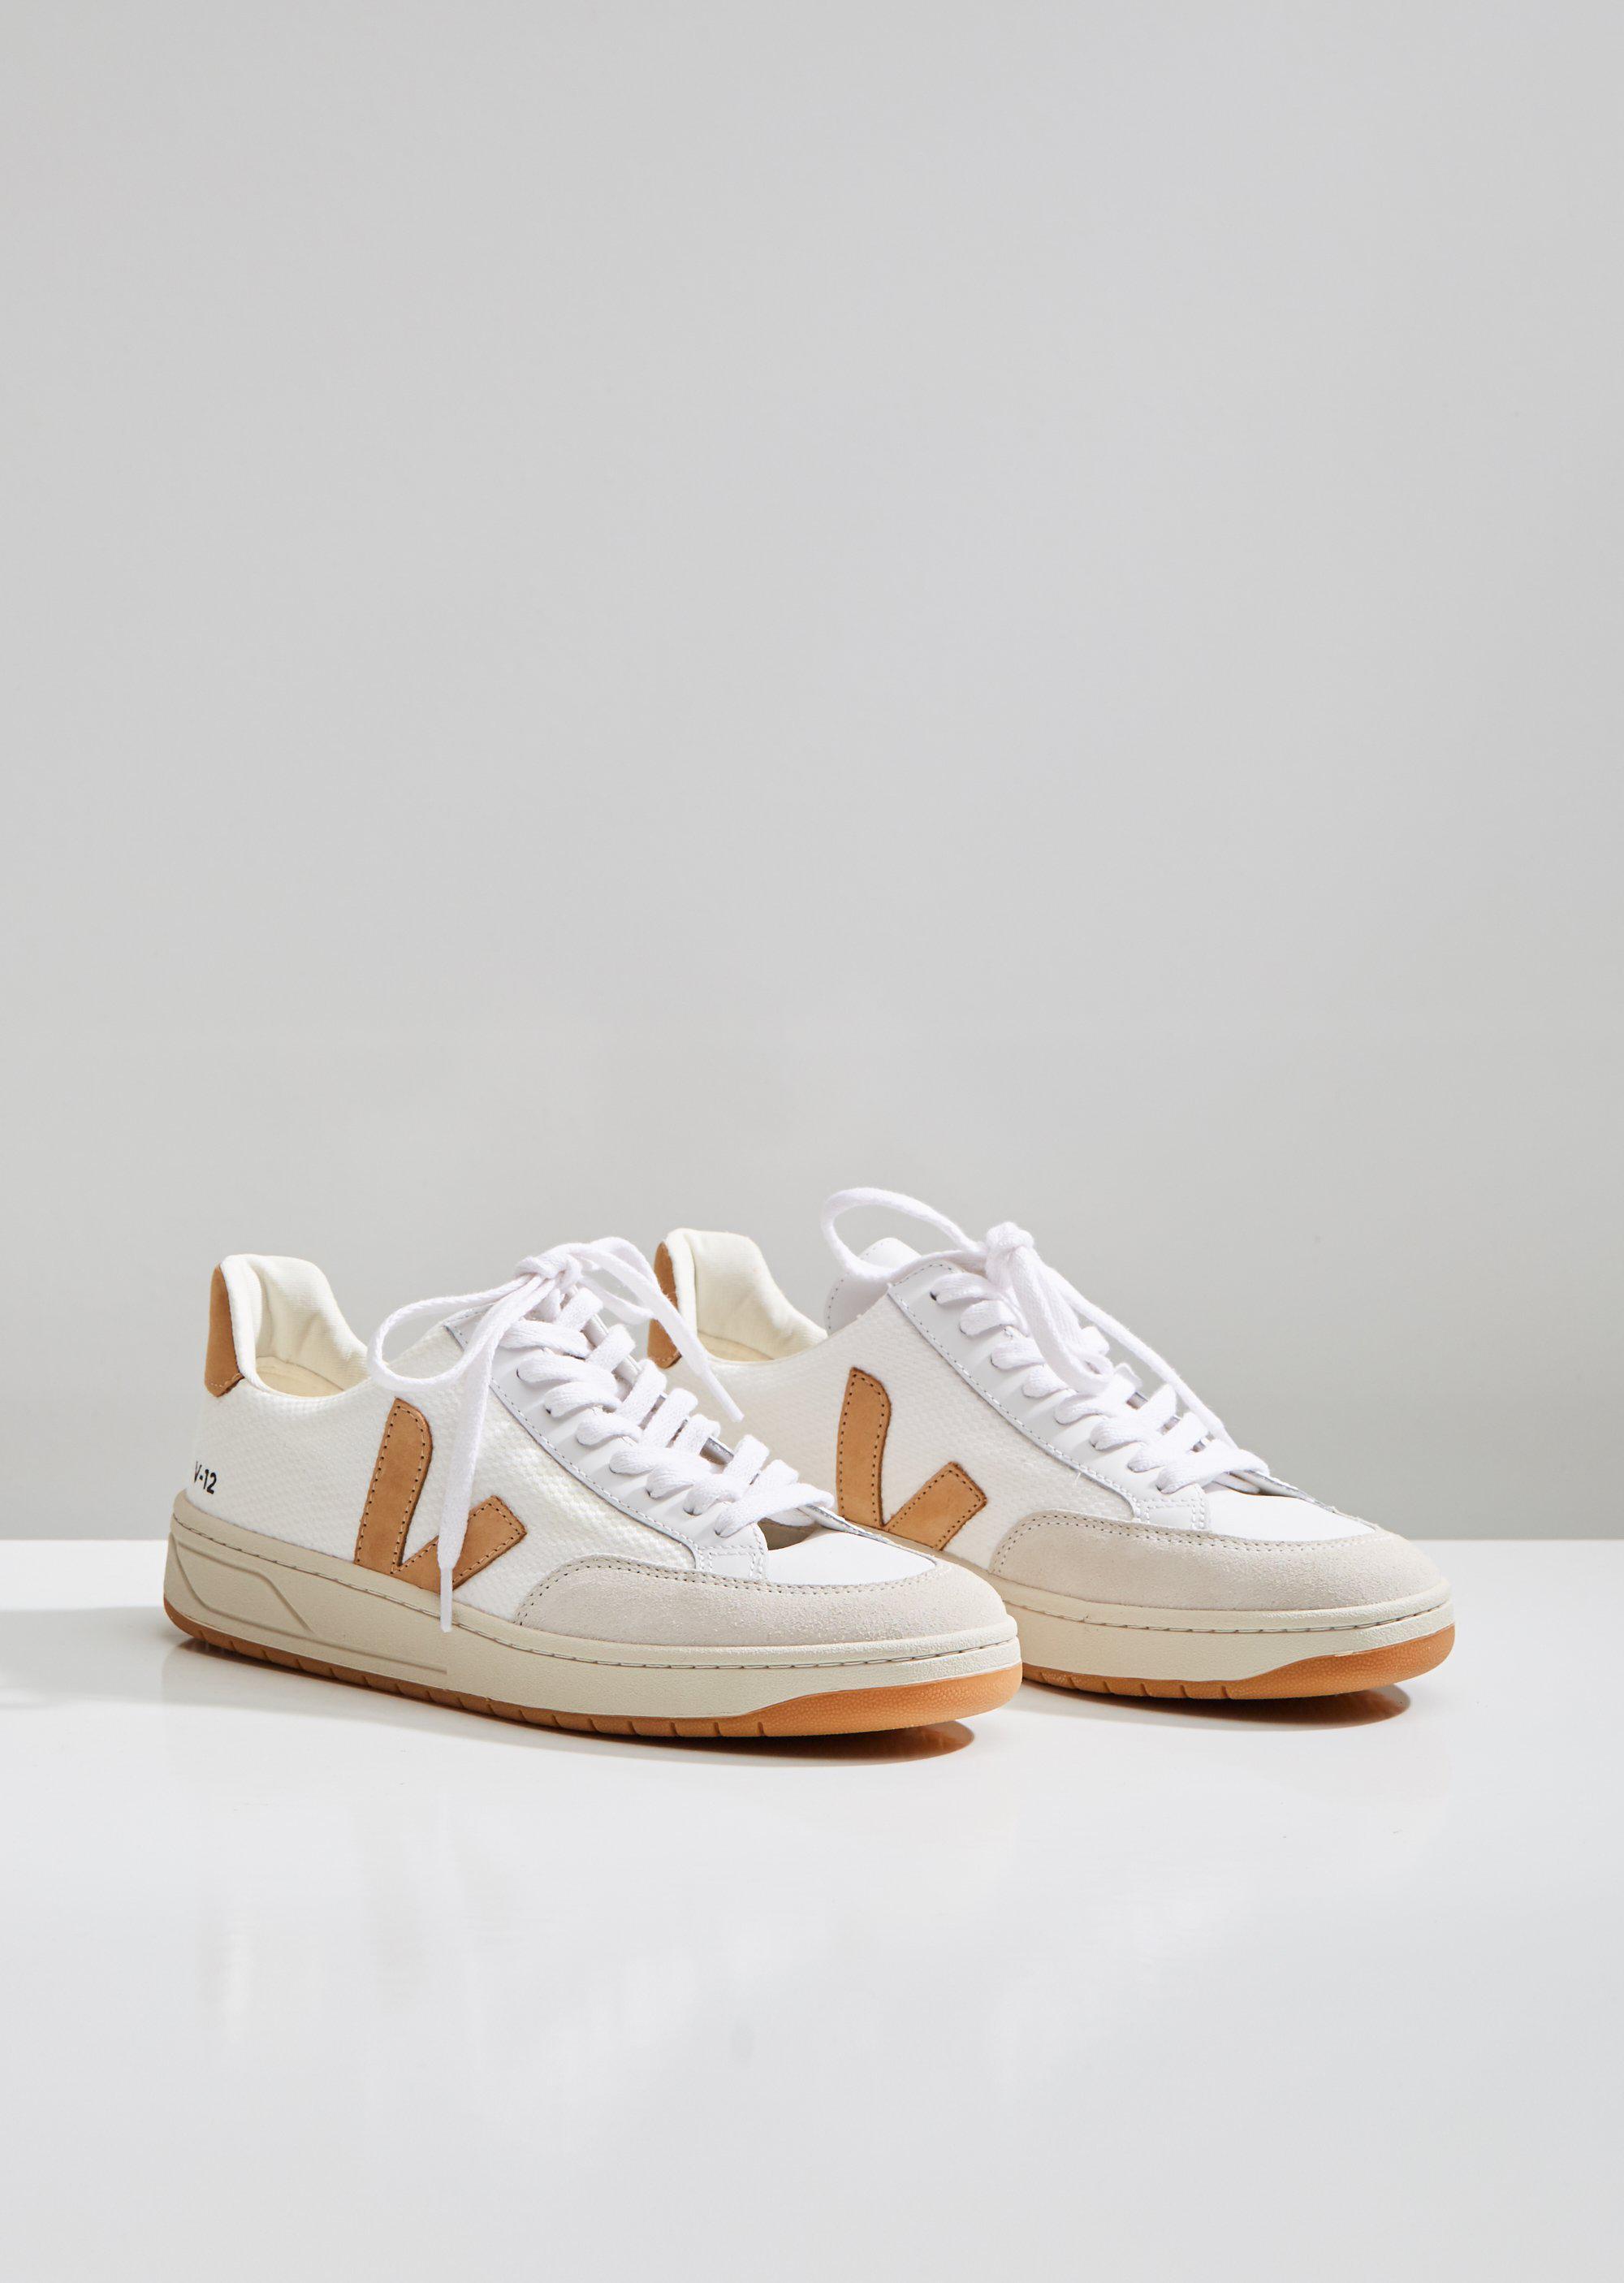 Veja Rubber V-12 B-mesh Sneakers in